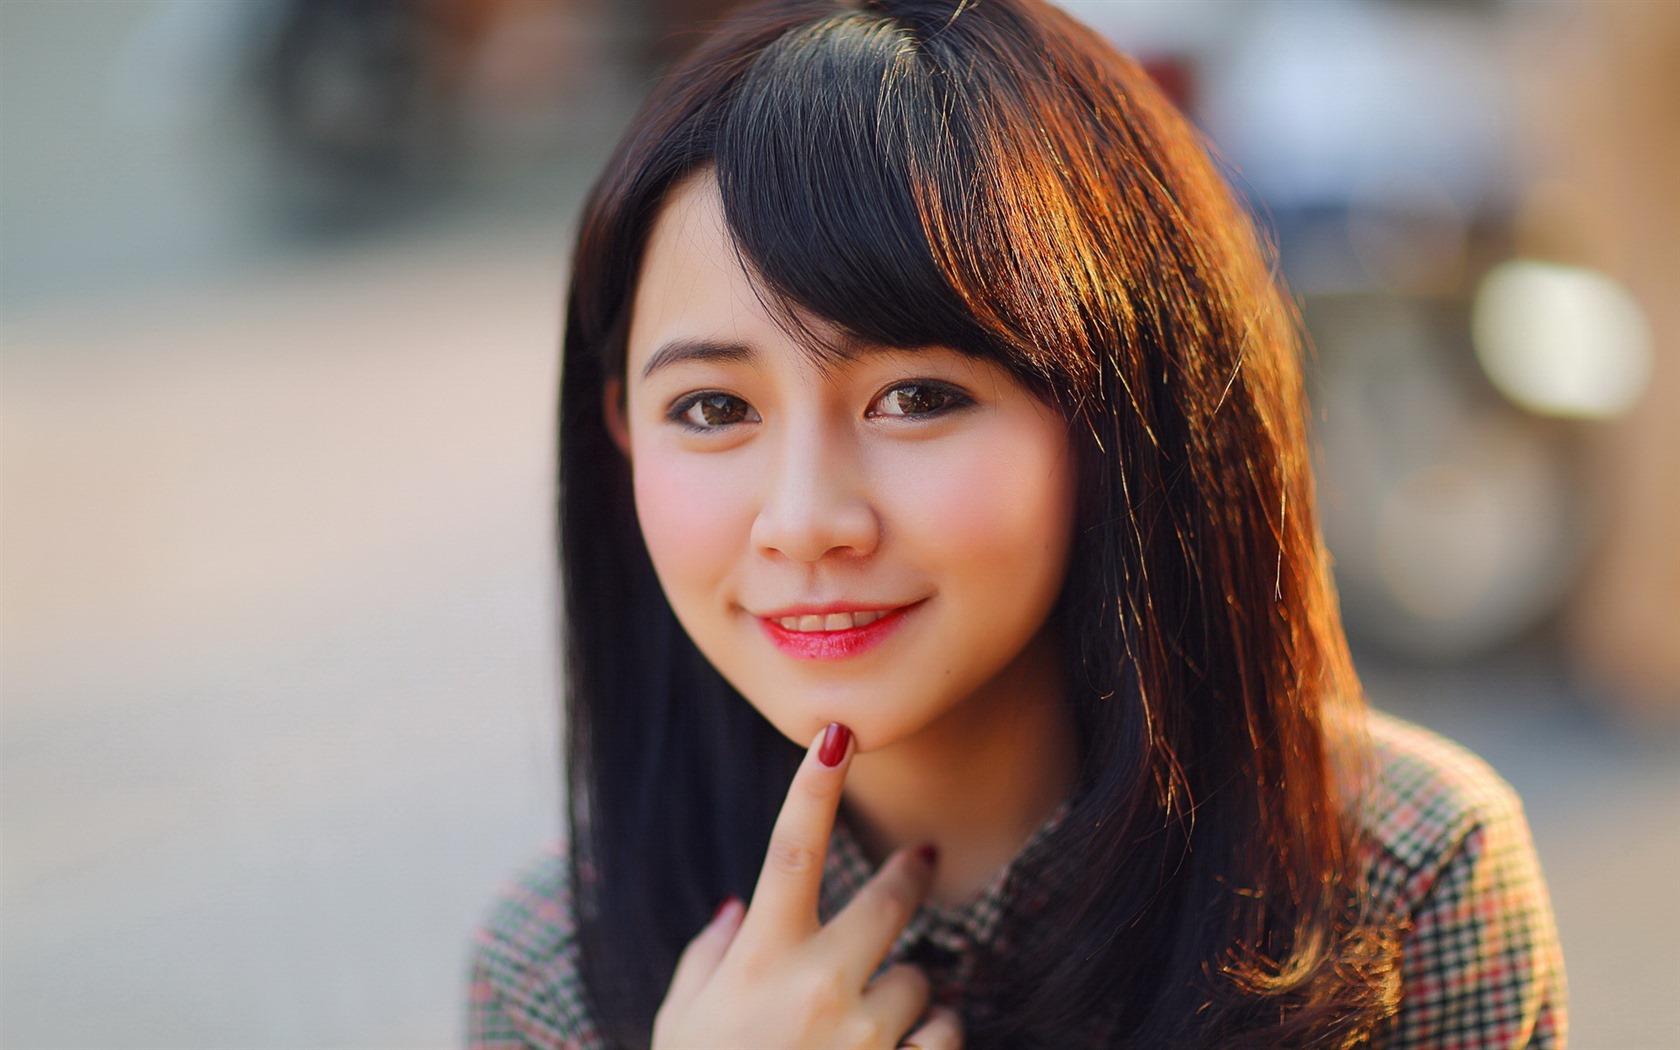 Смотреть бесплатно азиатские девушки, Молодые азиатки порно видео. Качественное бесплатное 7 фотография